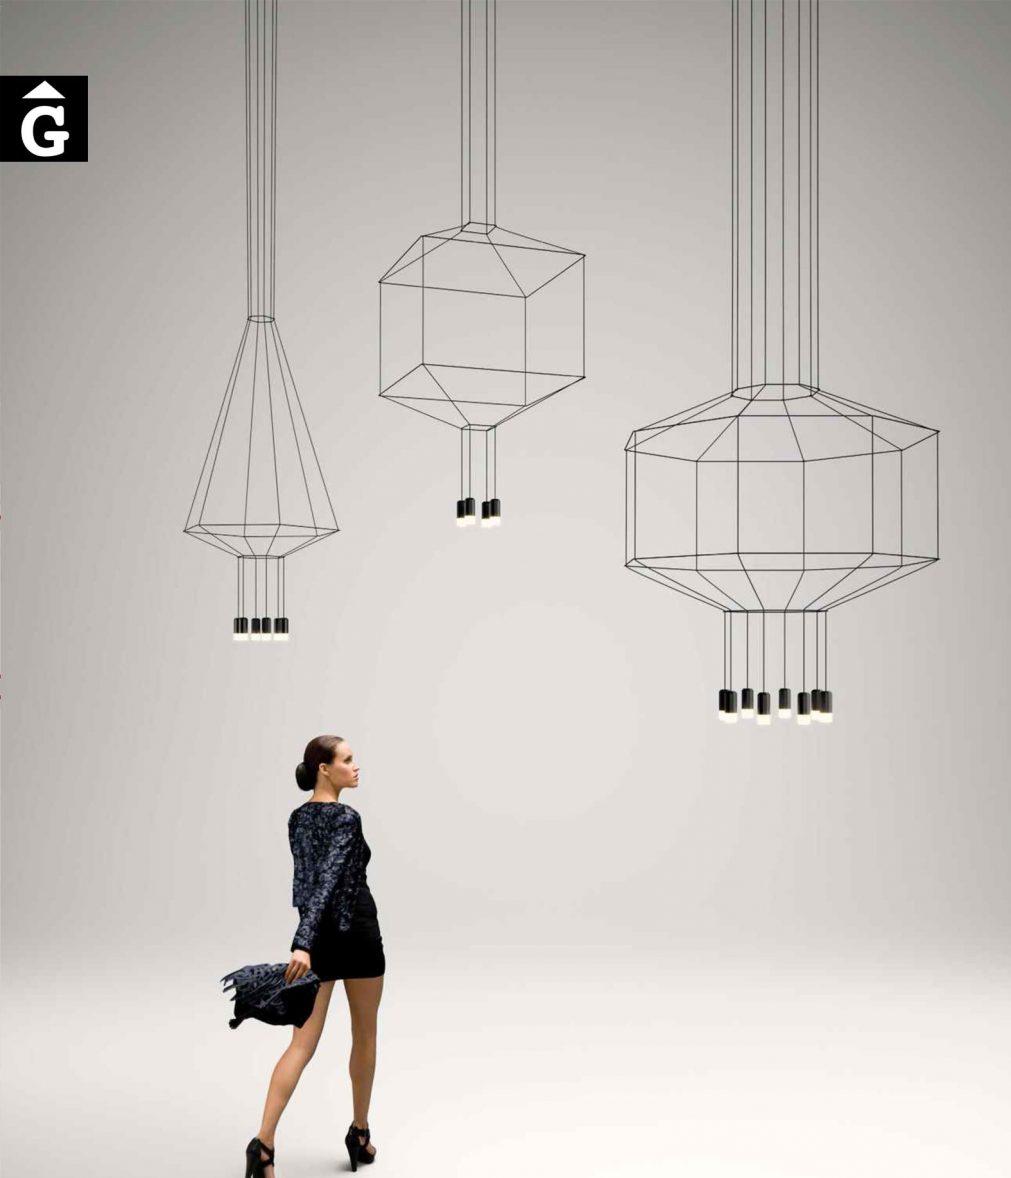 Wirefow-Làmpara-penjant-de-sostre-Il·luminació-Vibia-&-mobles-Gifreu-interiors---Il·luminació-Vibia-&-mobles-Gifreu-interiors-0